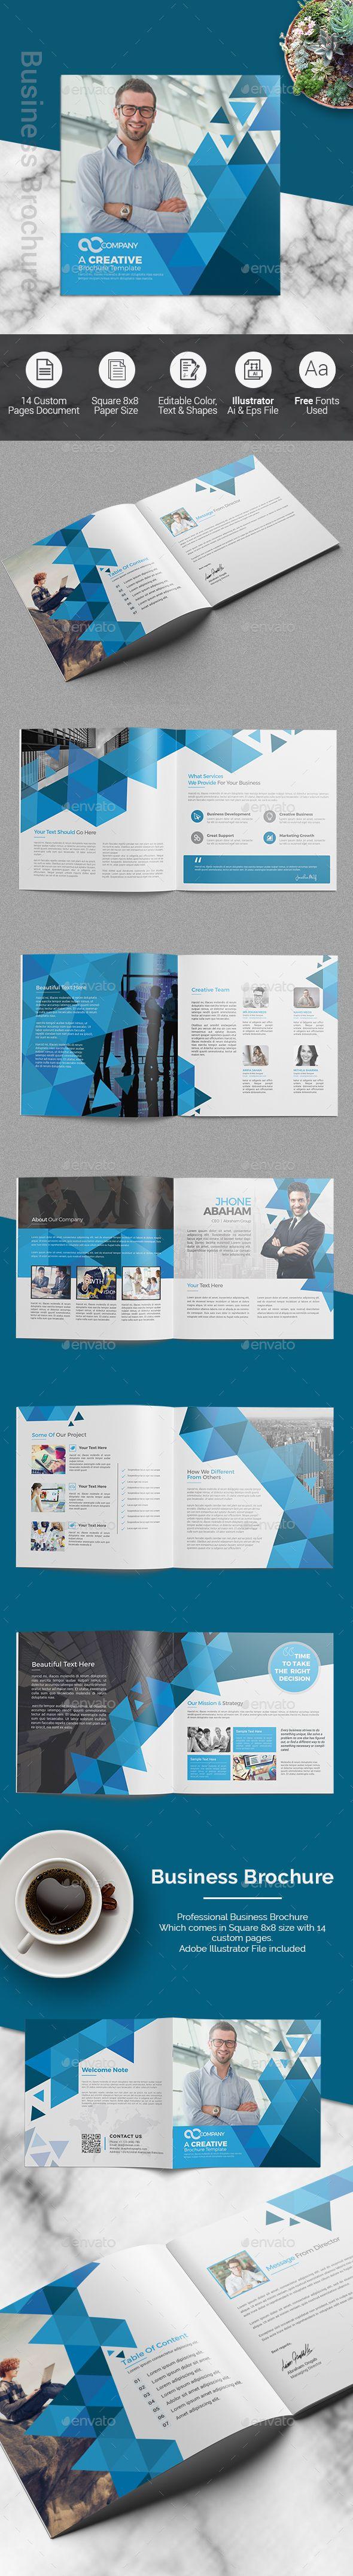 Square Business Brochure | Impresiones digitales, Empresas y Marcos